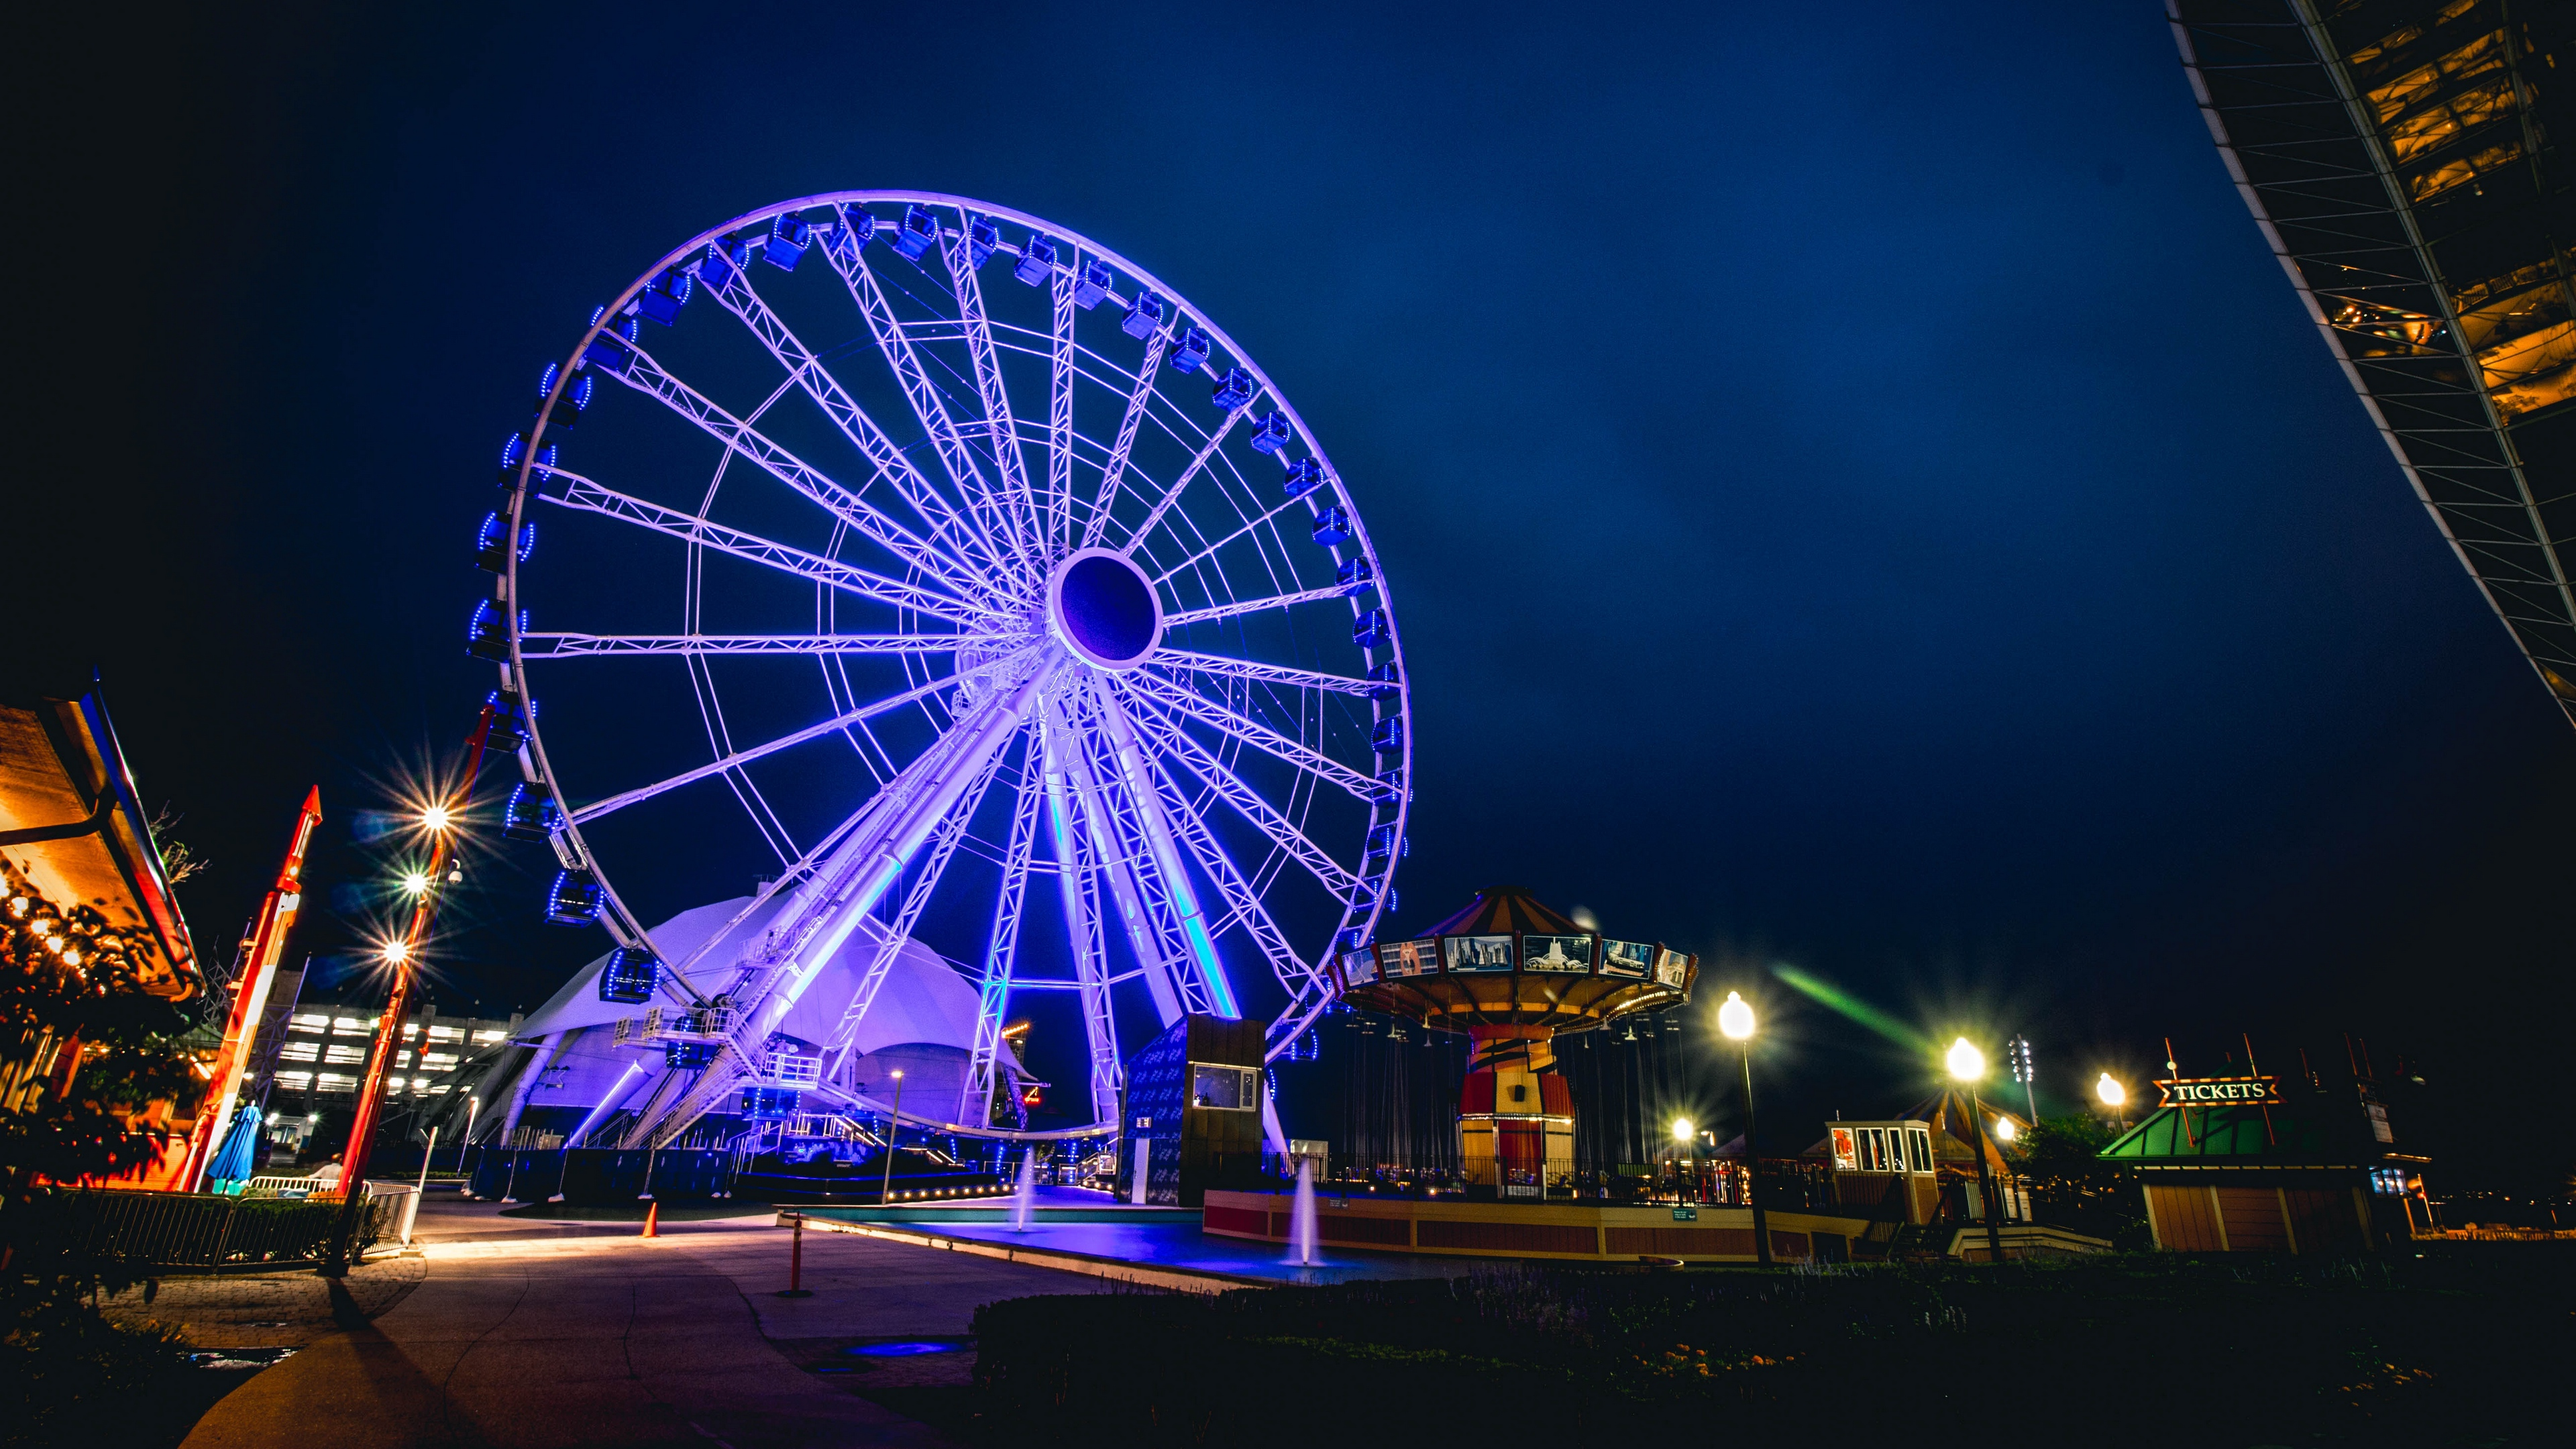 ferris wheel night backlight 4k 1538065377 - ferris wheel, night, backlight 4k - Night, ferris wheel, backlight